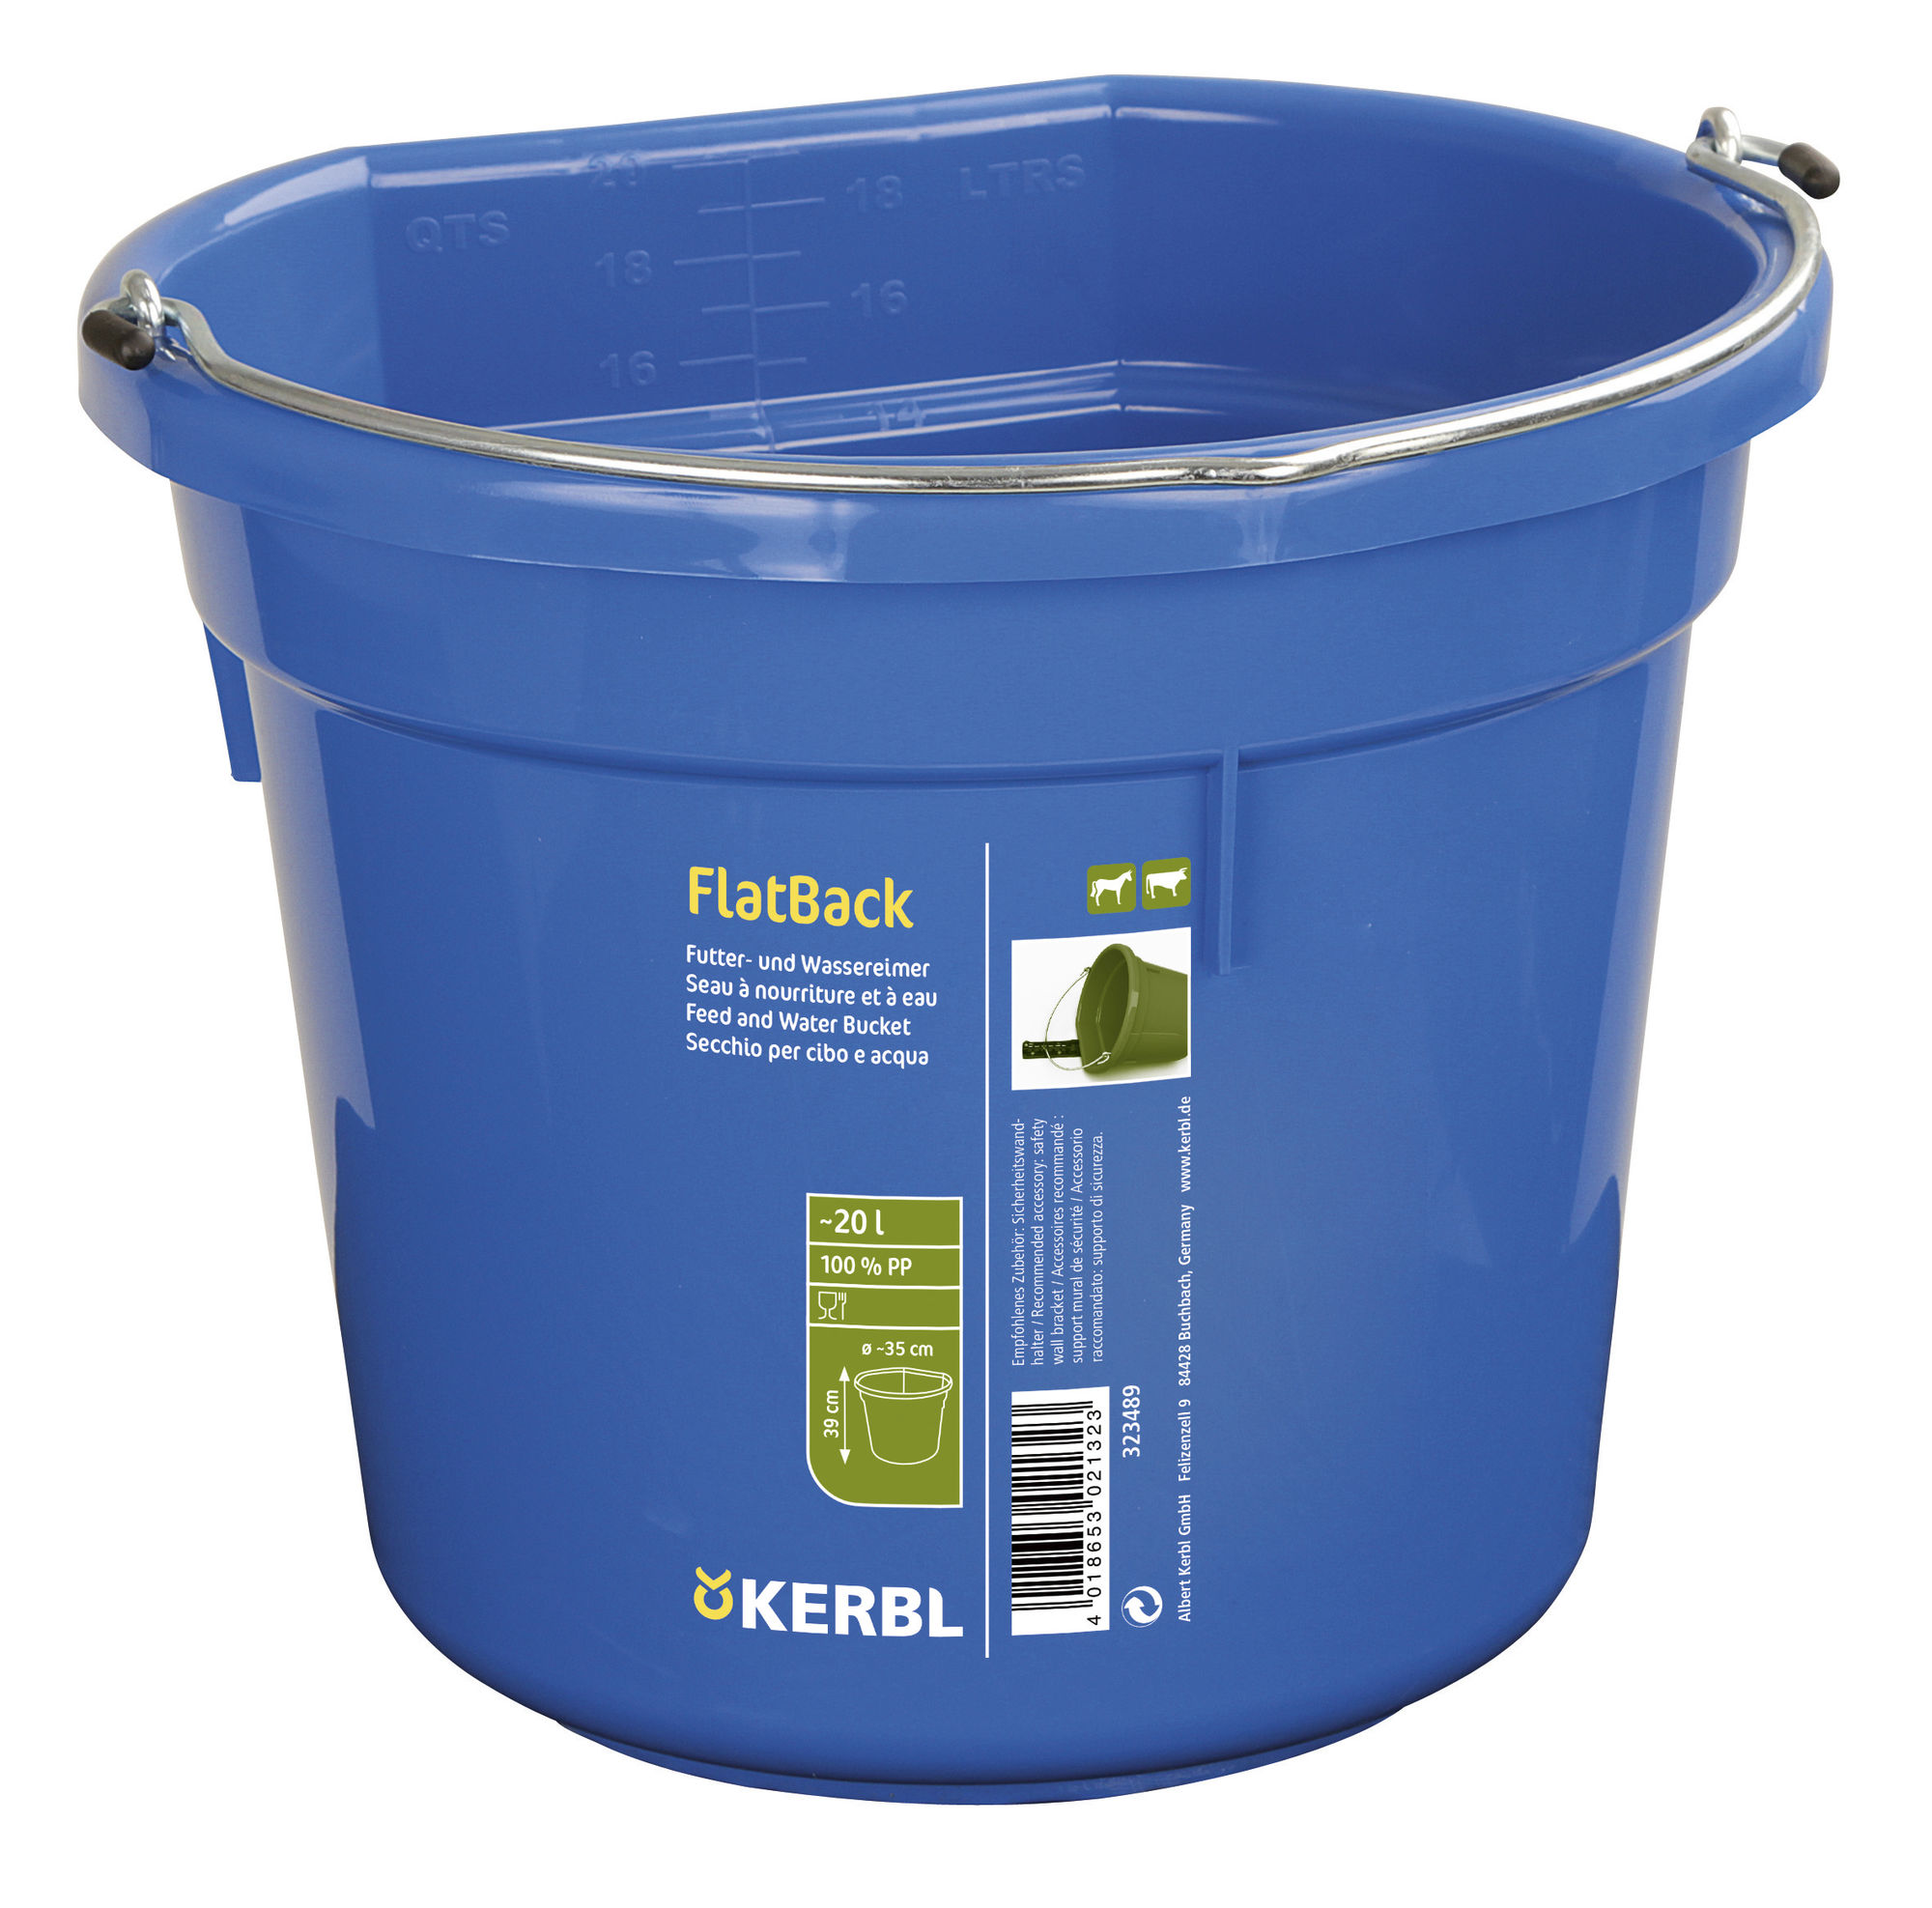 FlatBack, blau, ca. 20ltr., Futter-u. Wassereimer